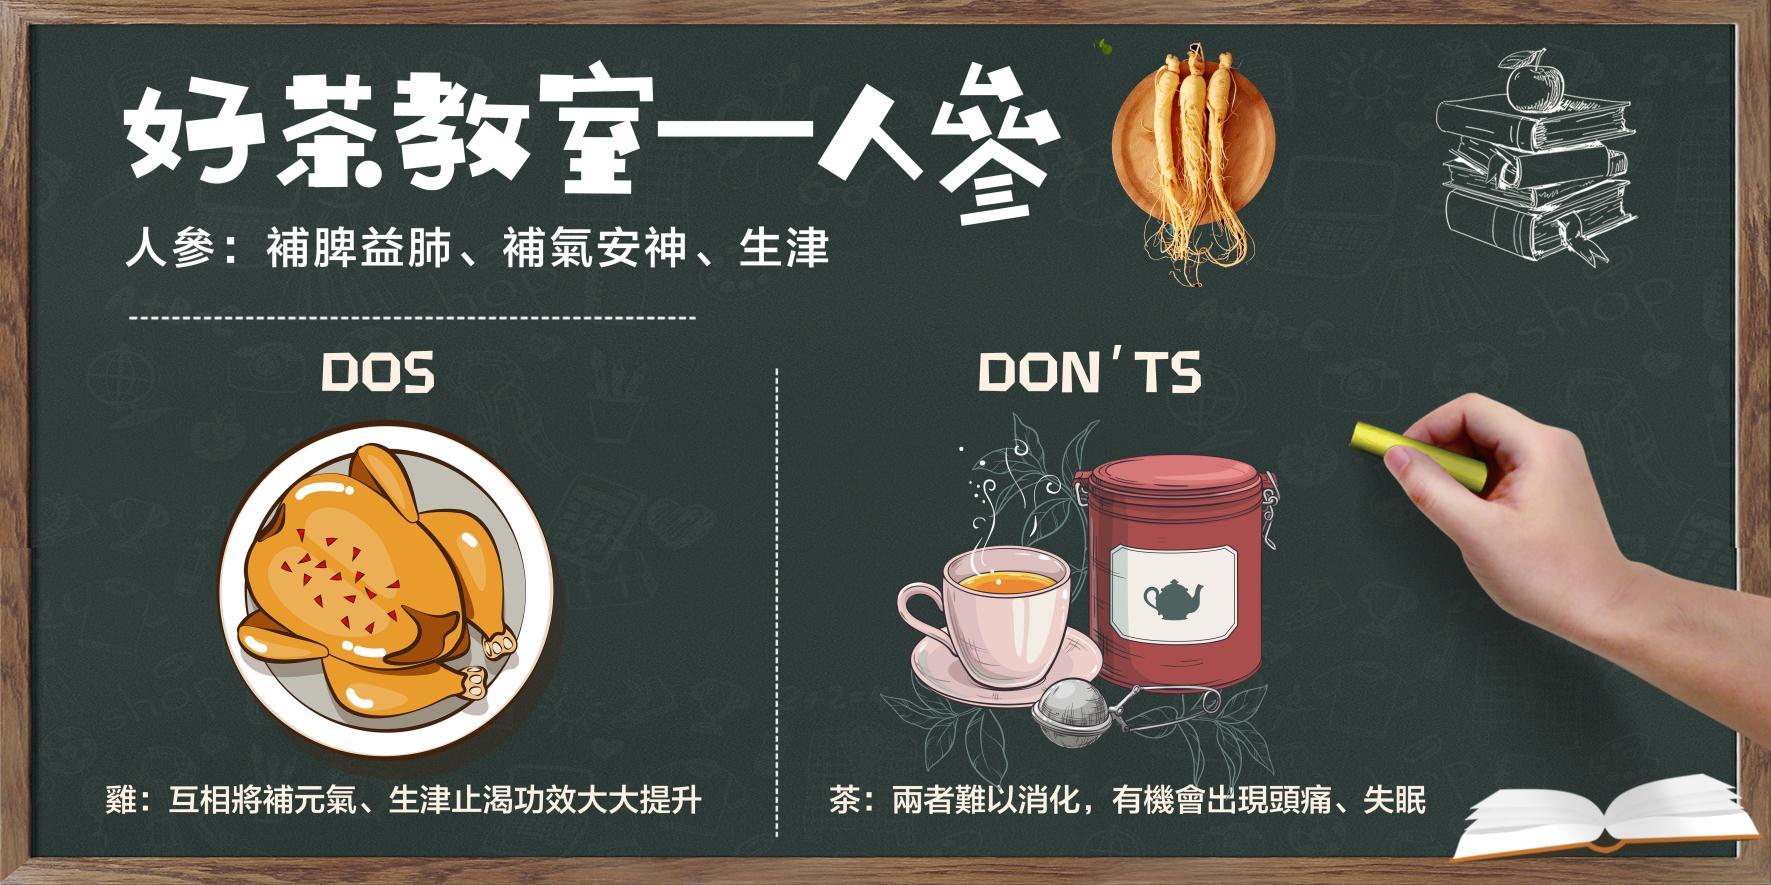 【好茶教室 - 人參dos and don'ts】